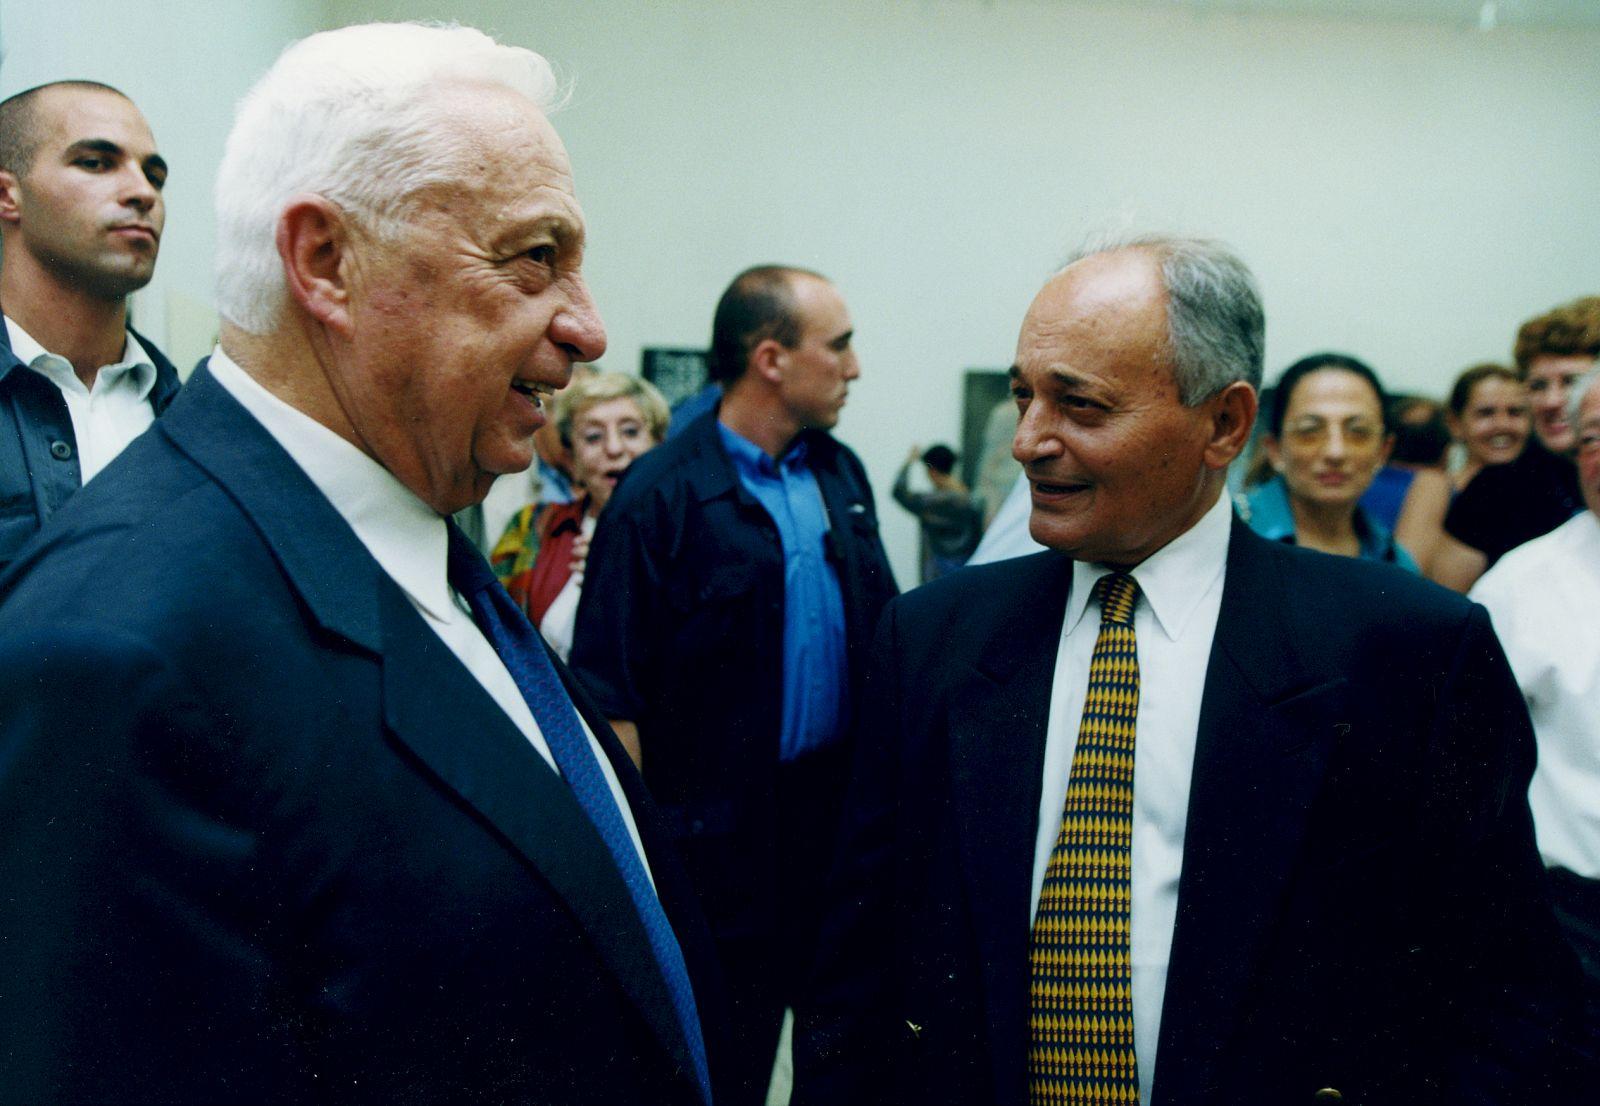 ראש הממשלה אריאל שרון והעיתונאי והדובר אורי דן, 2004 (צילום: משה שי)